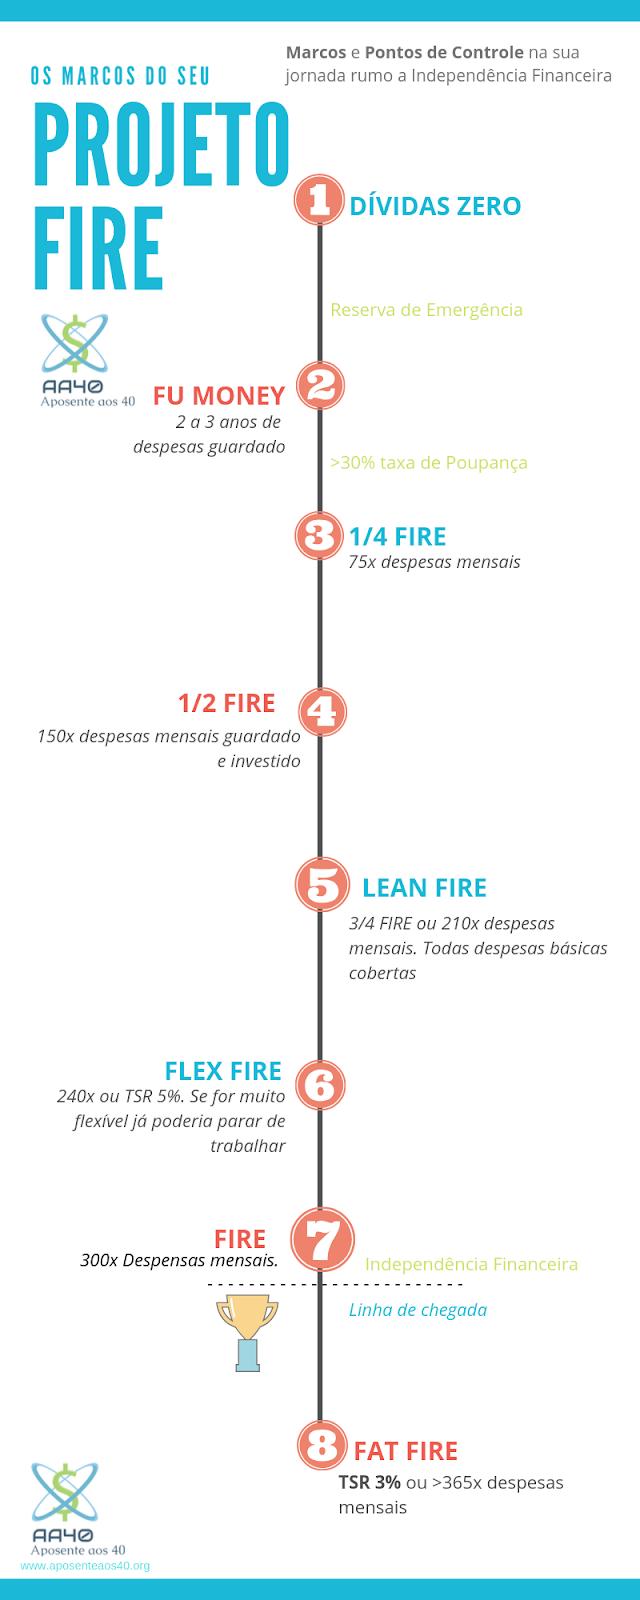 Os principais marcos na sua caminhada a Independência Financeira